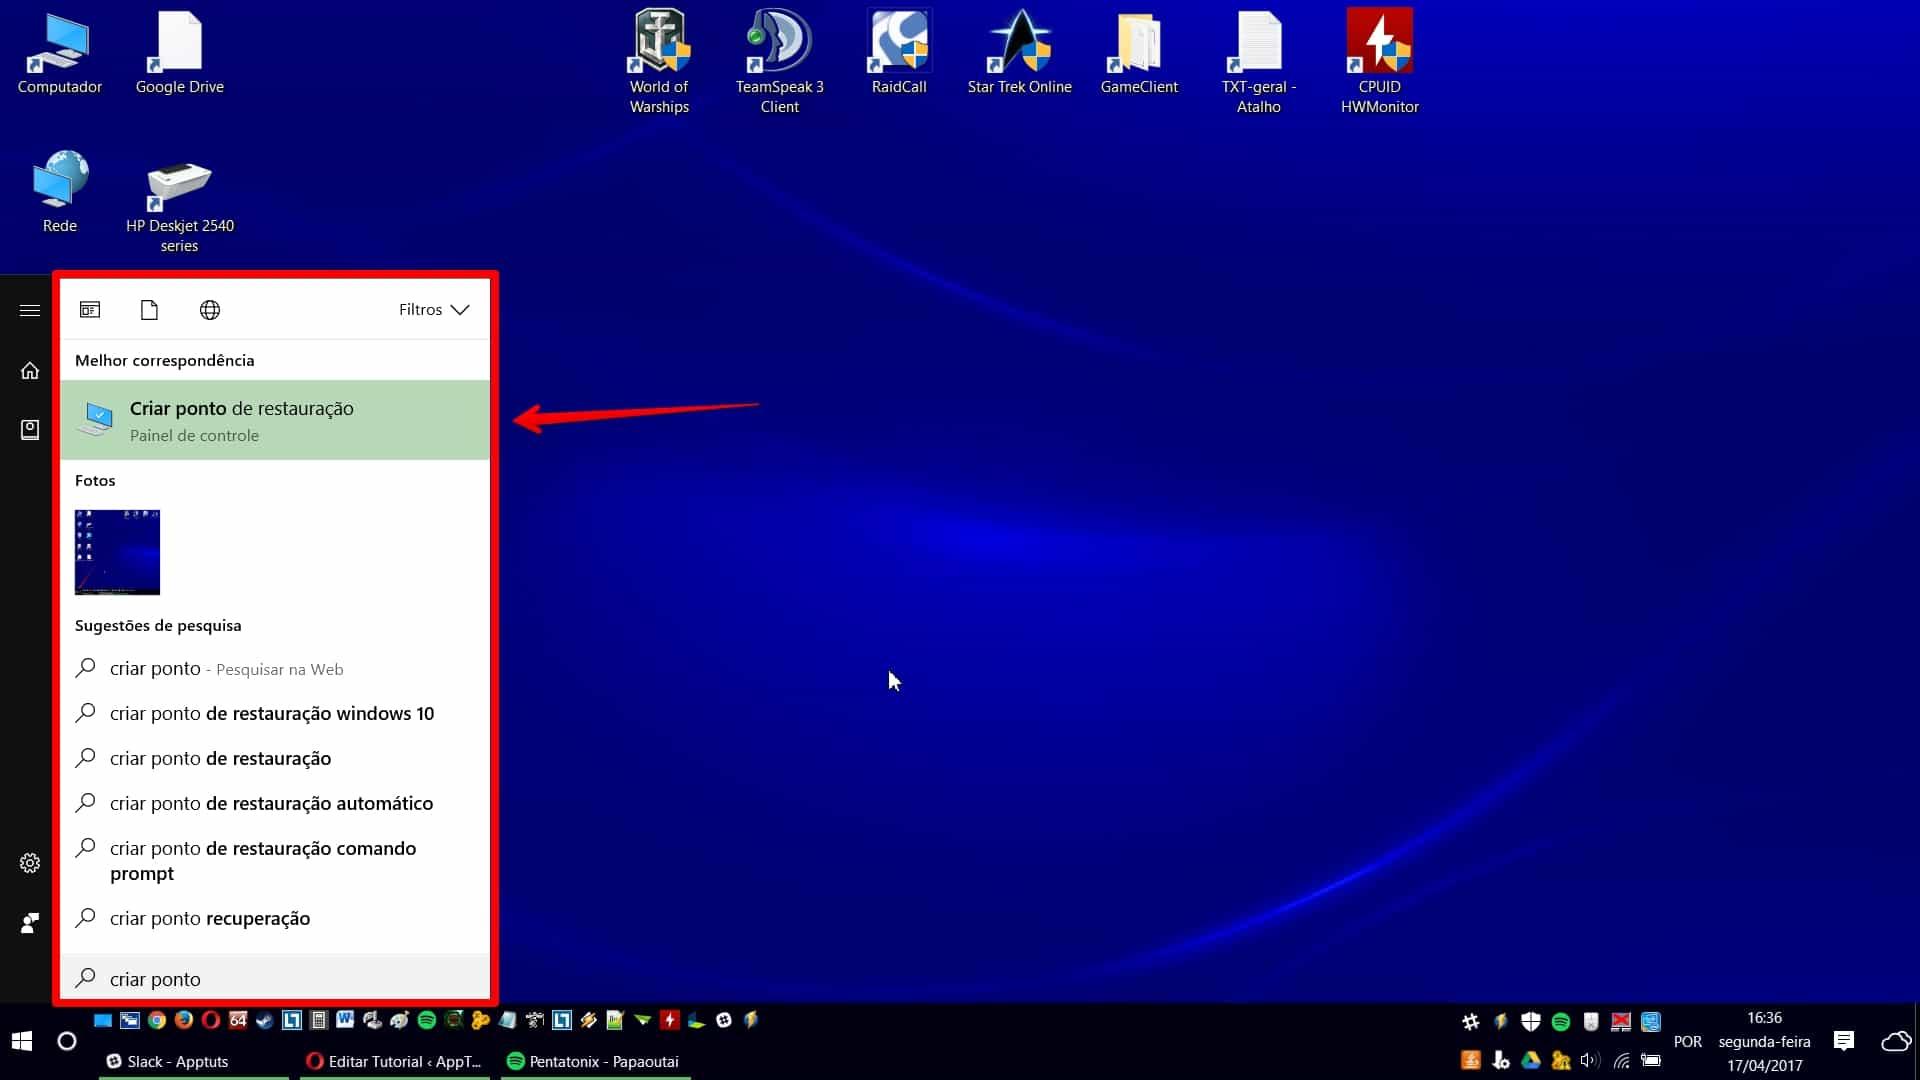 criar-ponto-de-restauracao-no-windows-10-criar